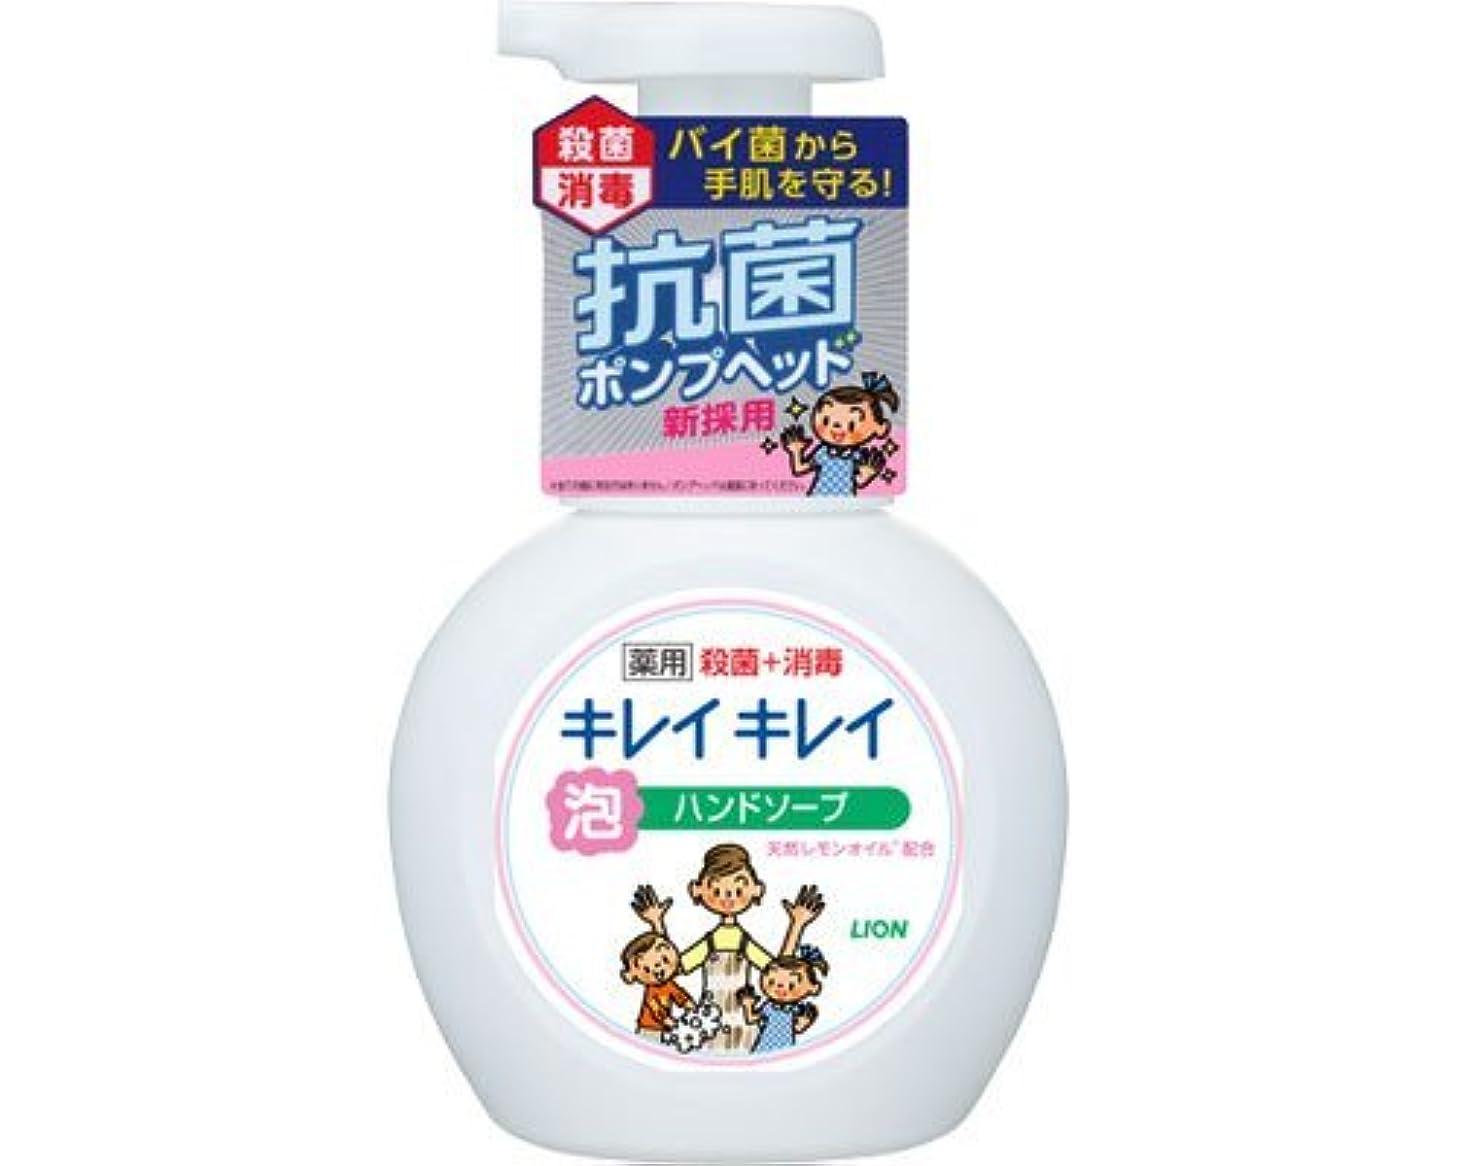 穿孔する合体性交キレイキレイ薬用泡ハンドソープ 250mLポンプ (ライオン) (手指洗浄)